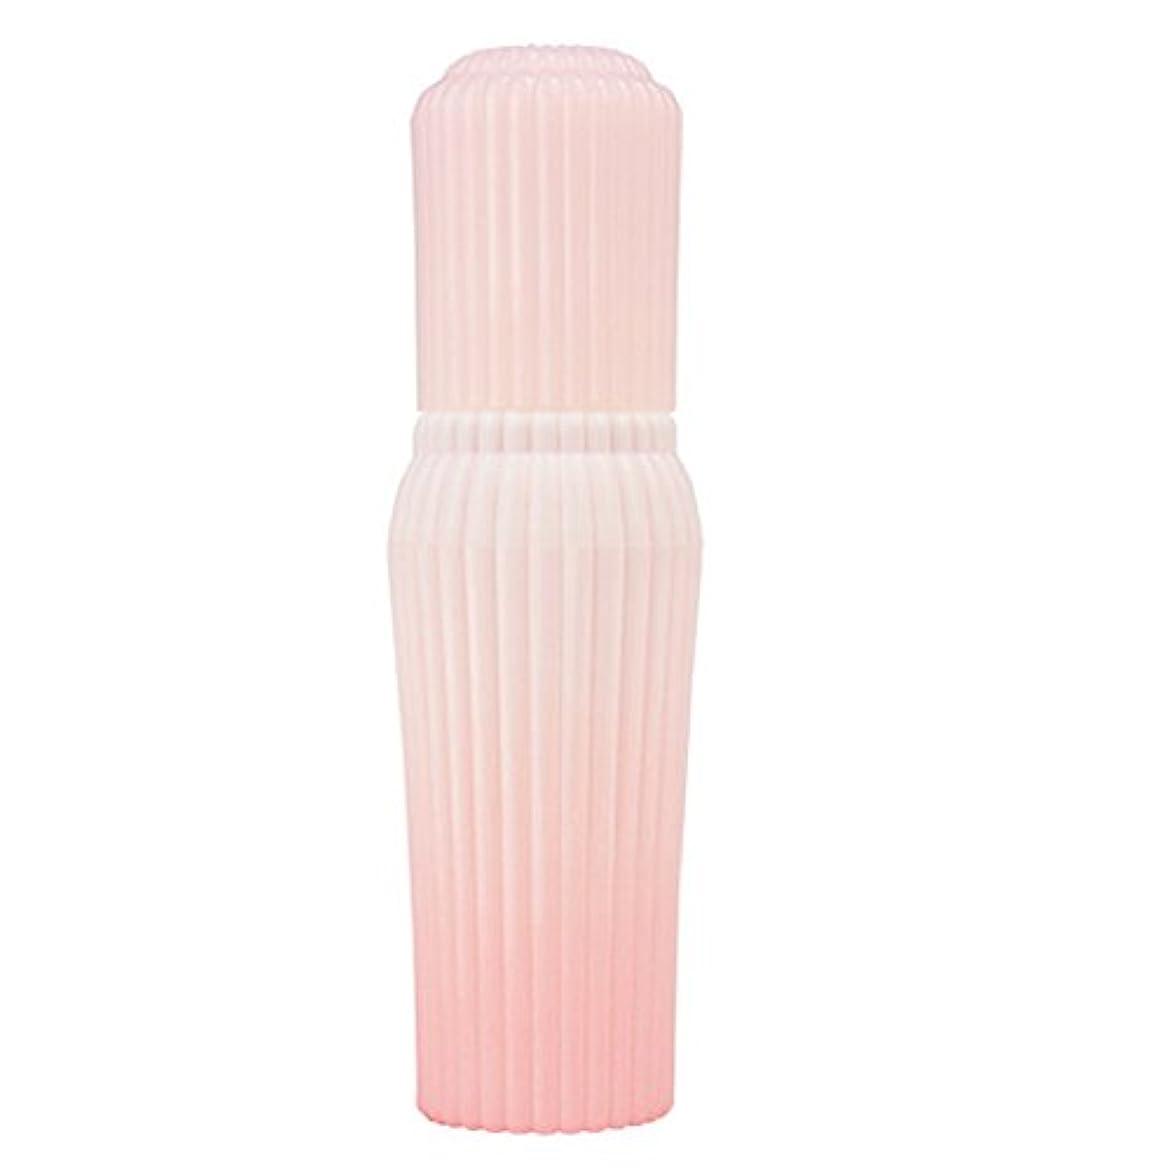 特性ひねりアクセルアユーラ (AYURA) fサインディフェンス リペアランスナイトチャージ (医薬部外品) 30g 〈敏感肌用 保湿クリーム〉